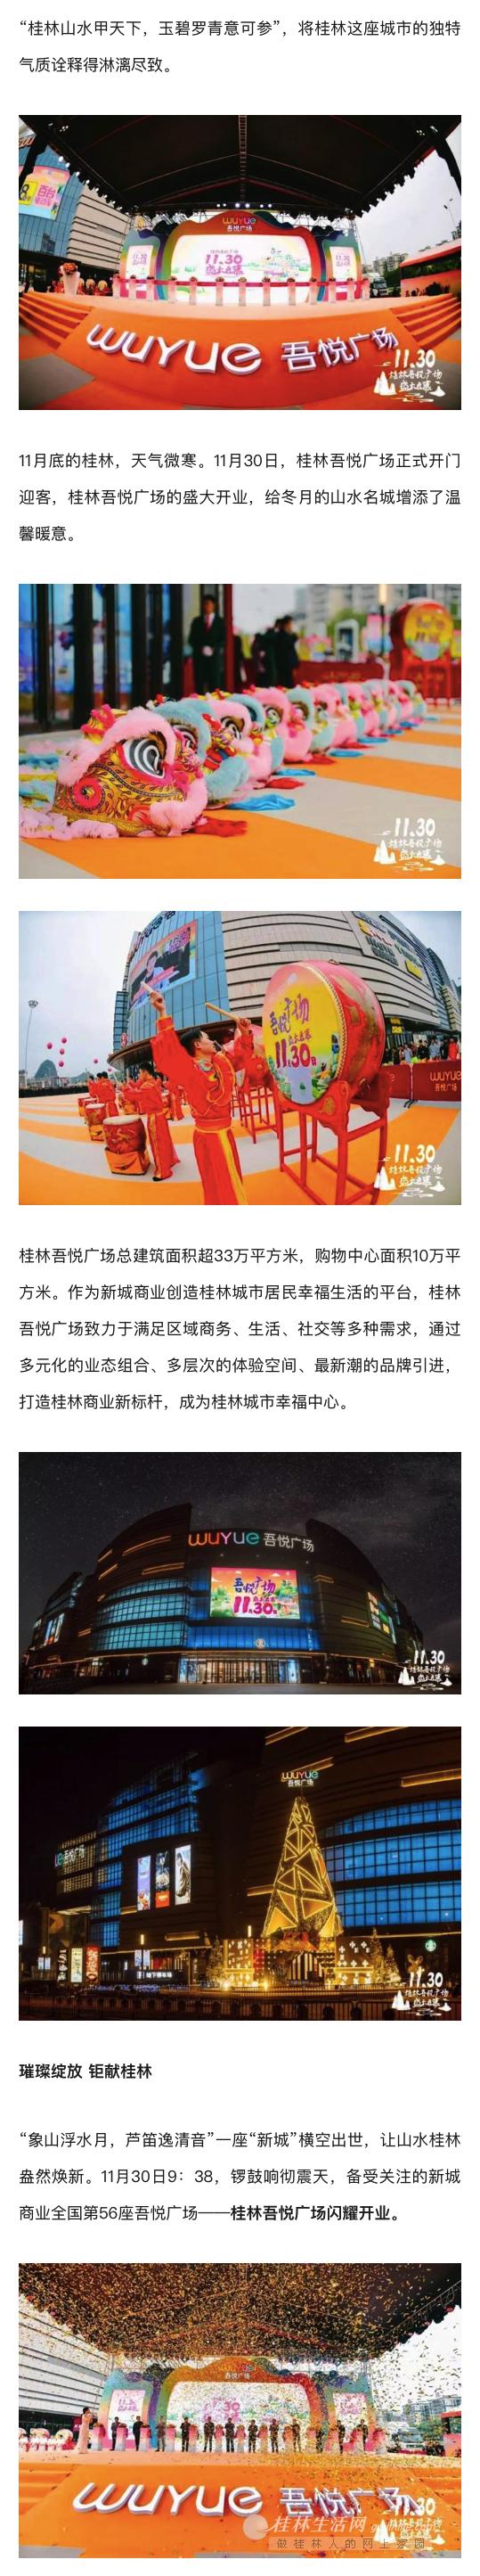 临桂繁华盛启,桂林吾悦广场11月30日盛大开业!